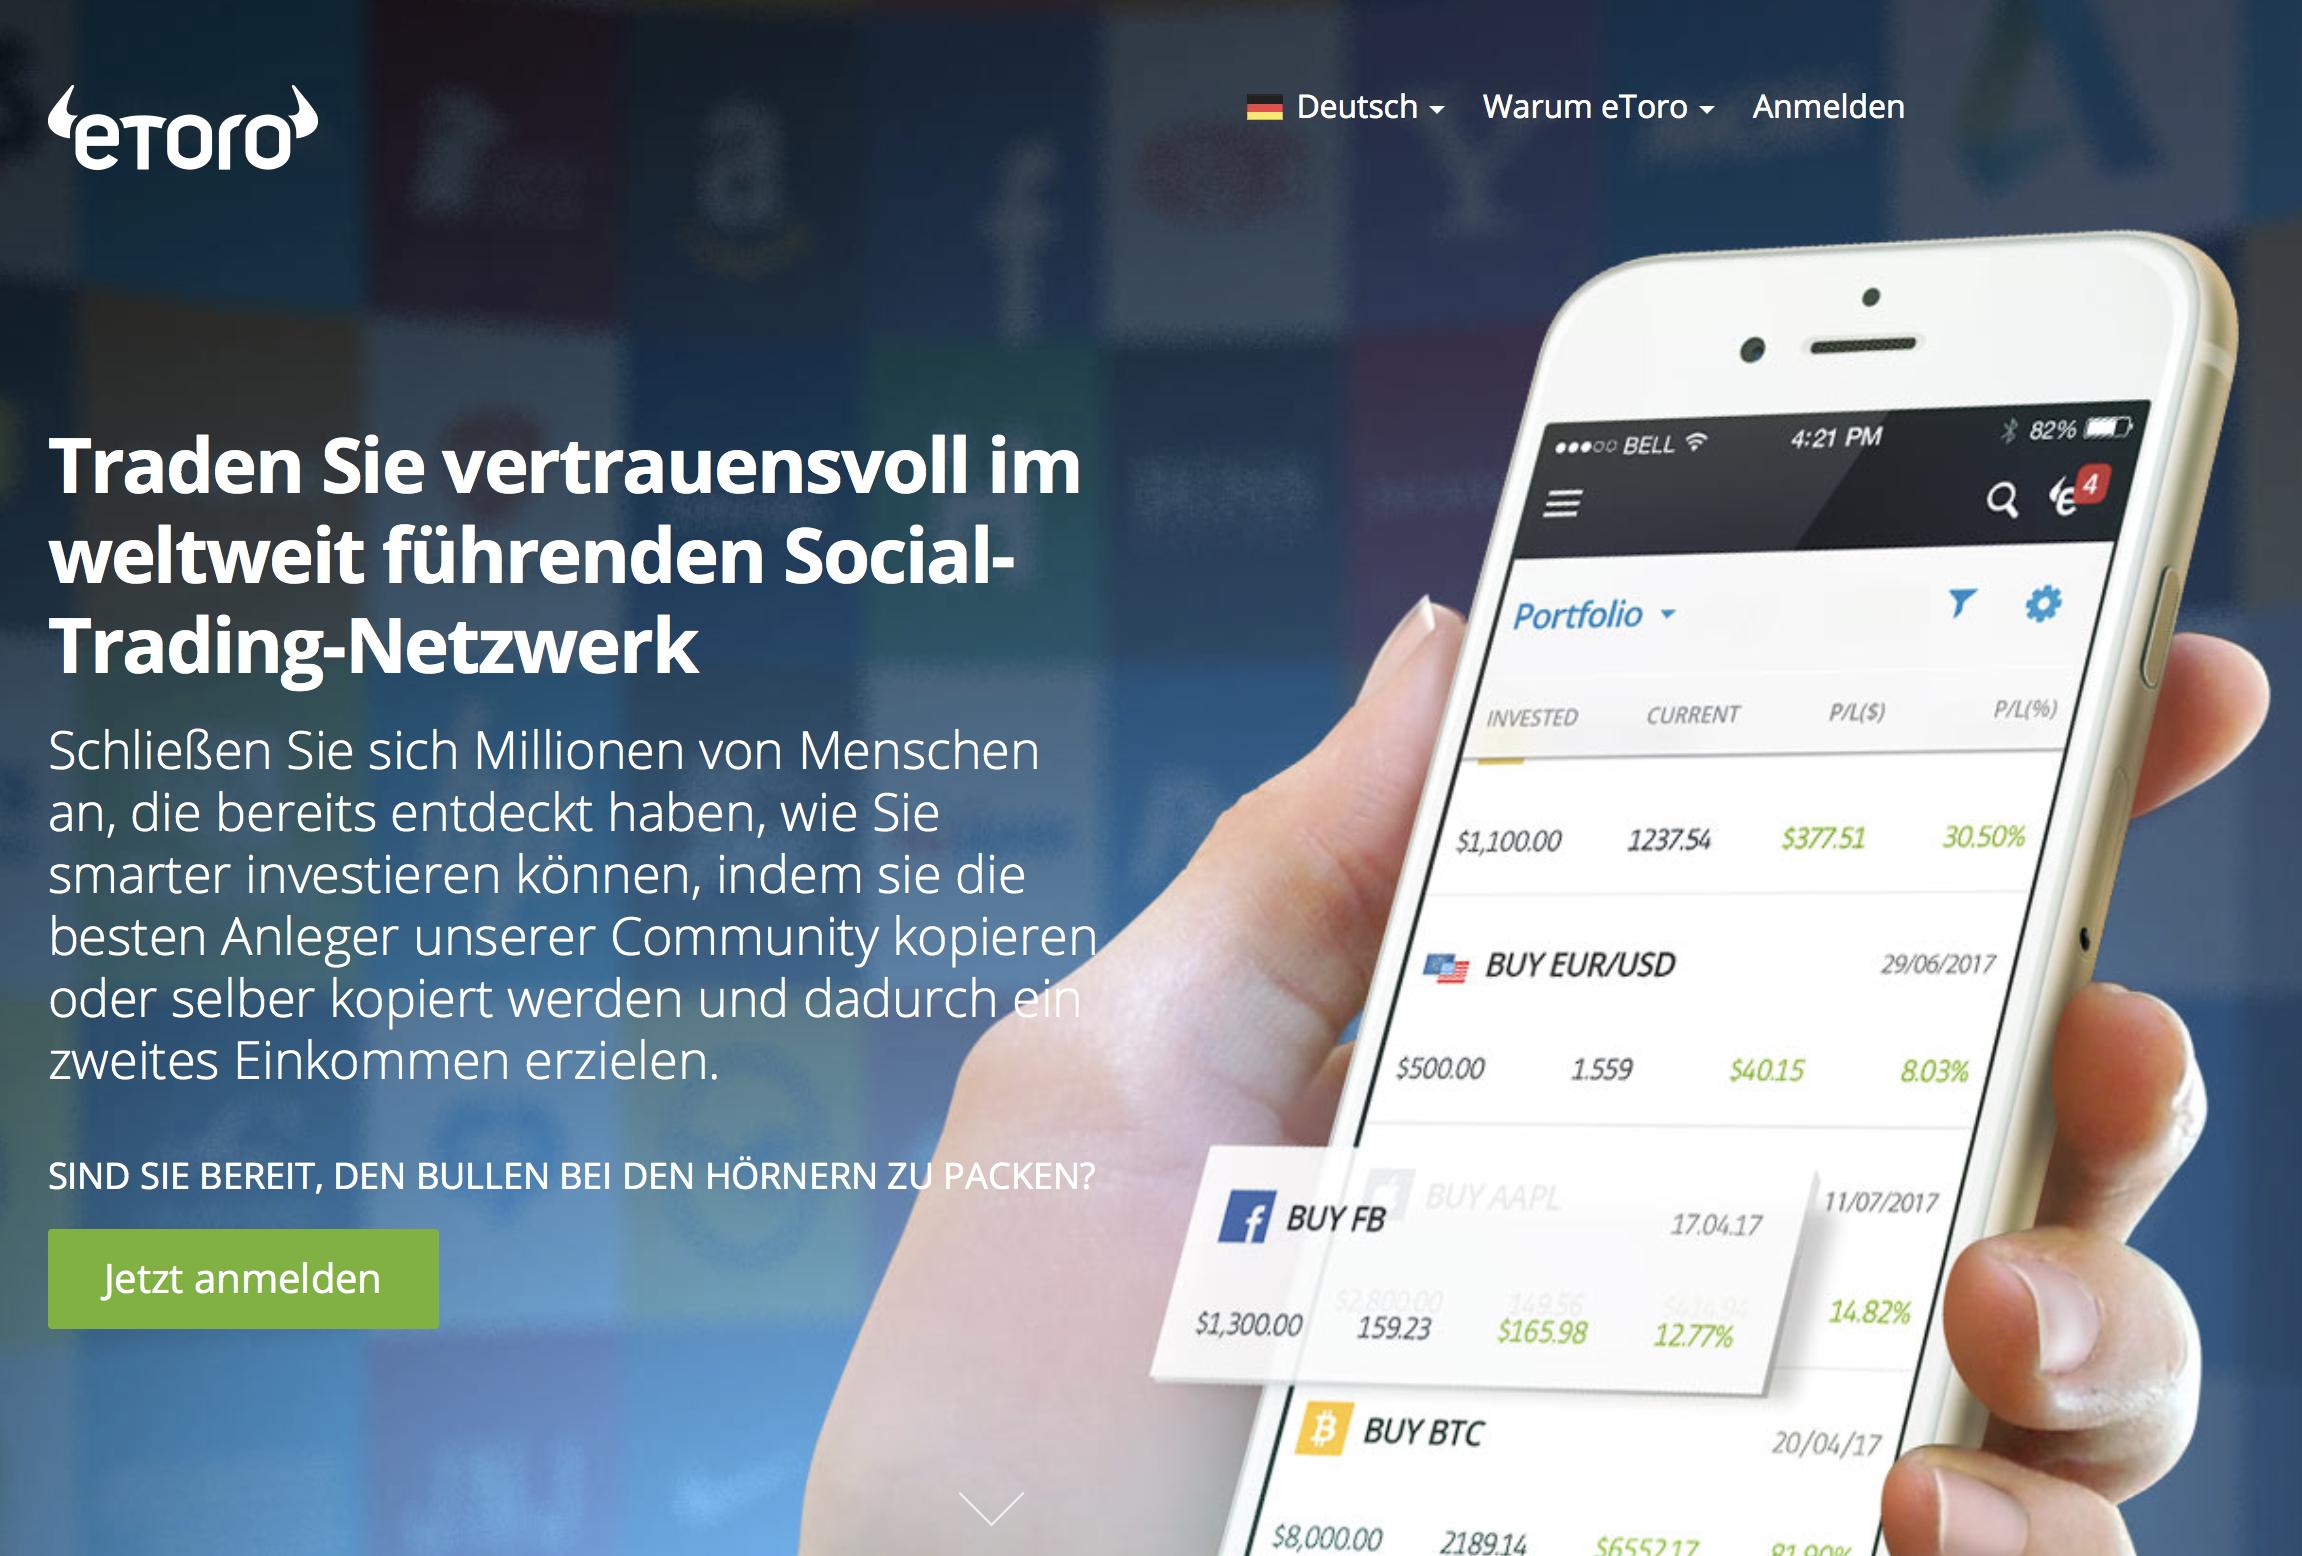 Das weltweit führende Social-Trading-Netzwerk